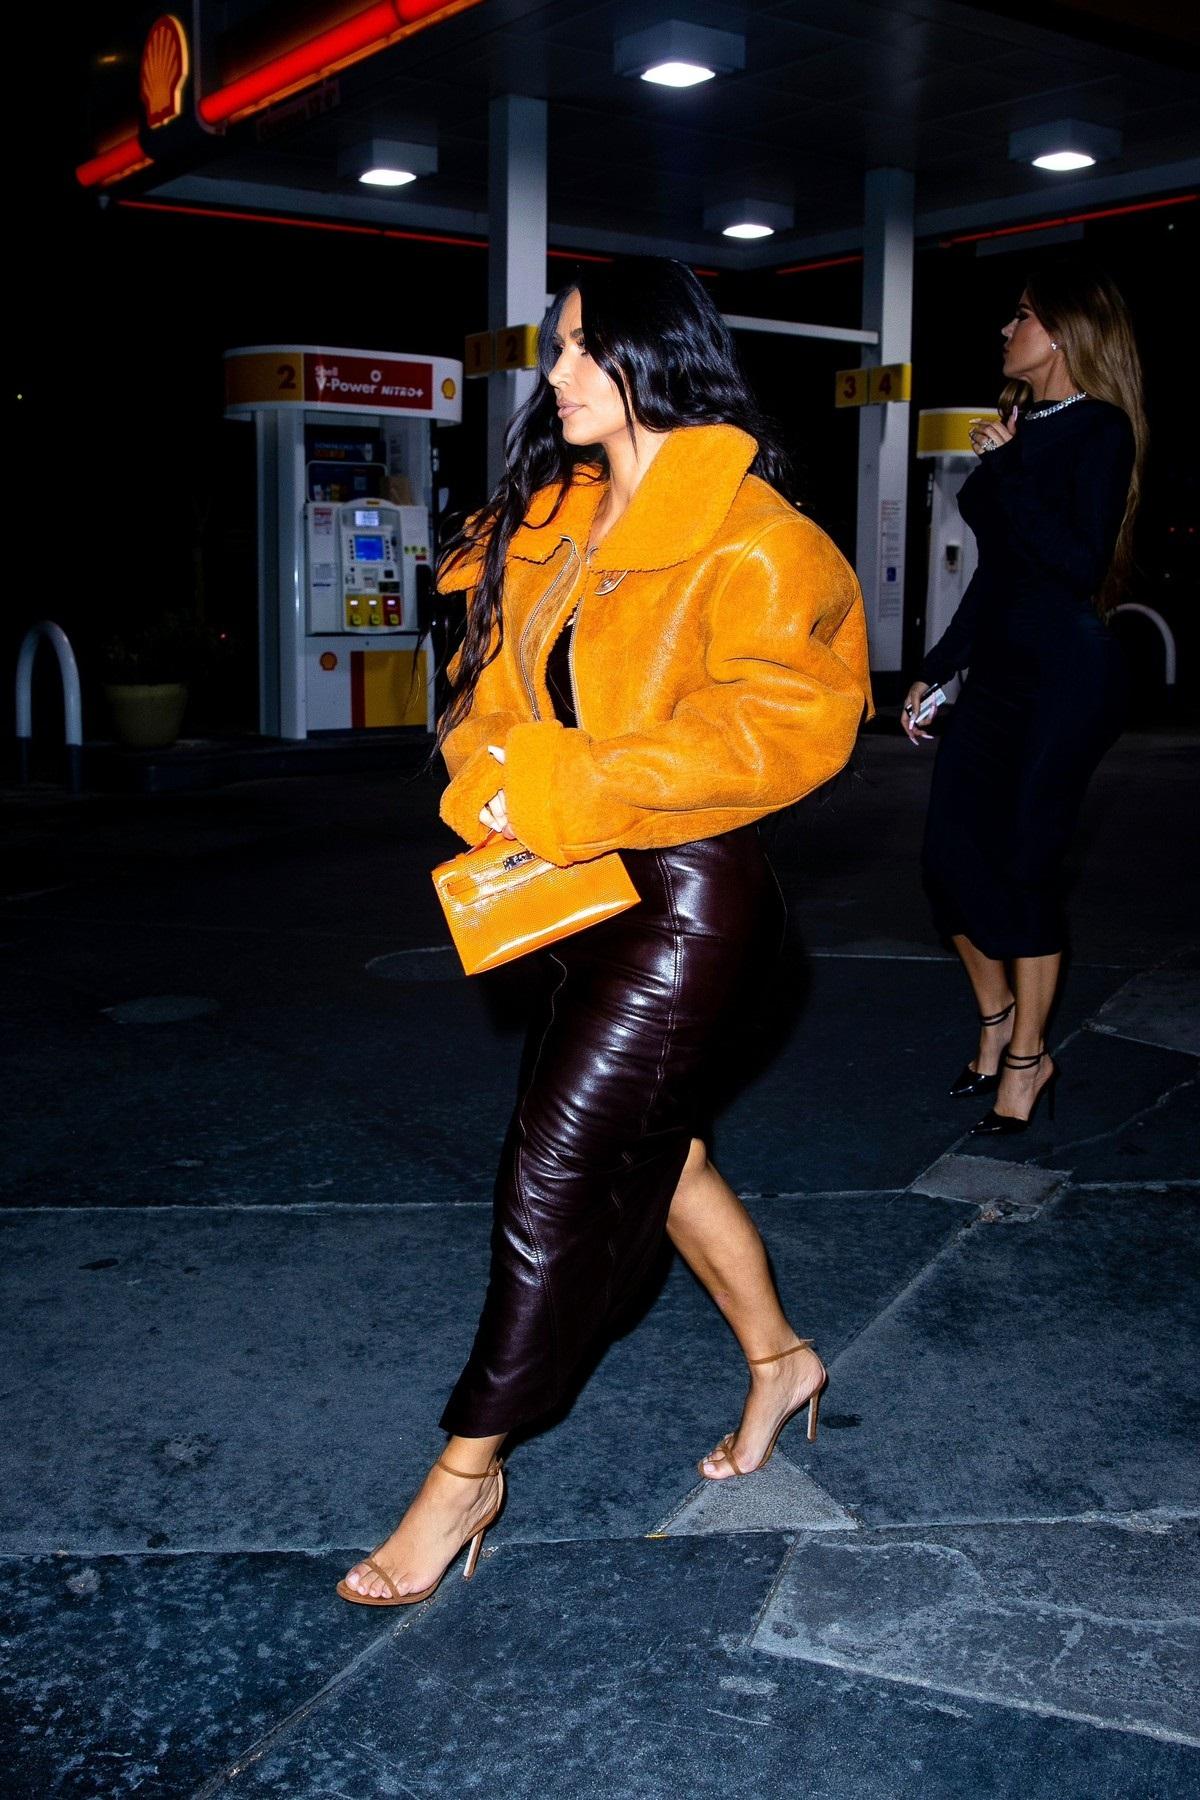 Kim Kardashian mergând la cumpărături într-o parcare din Los Angeles în timp ce poartă o rochie mulată de piele neagră și o jachetă de la un brand deținut de Kanye West